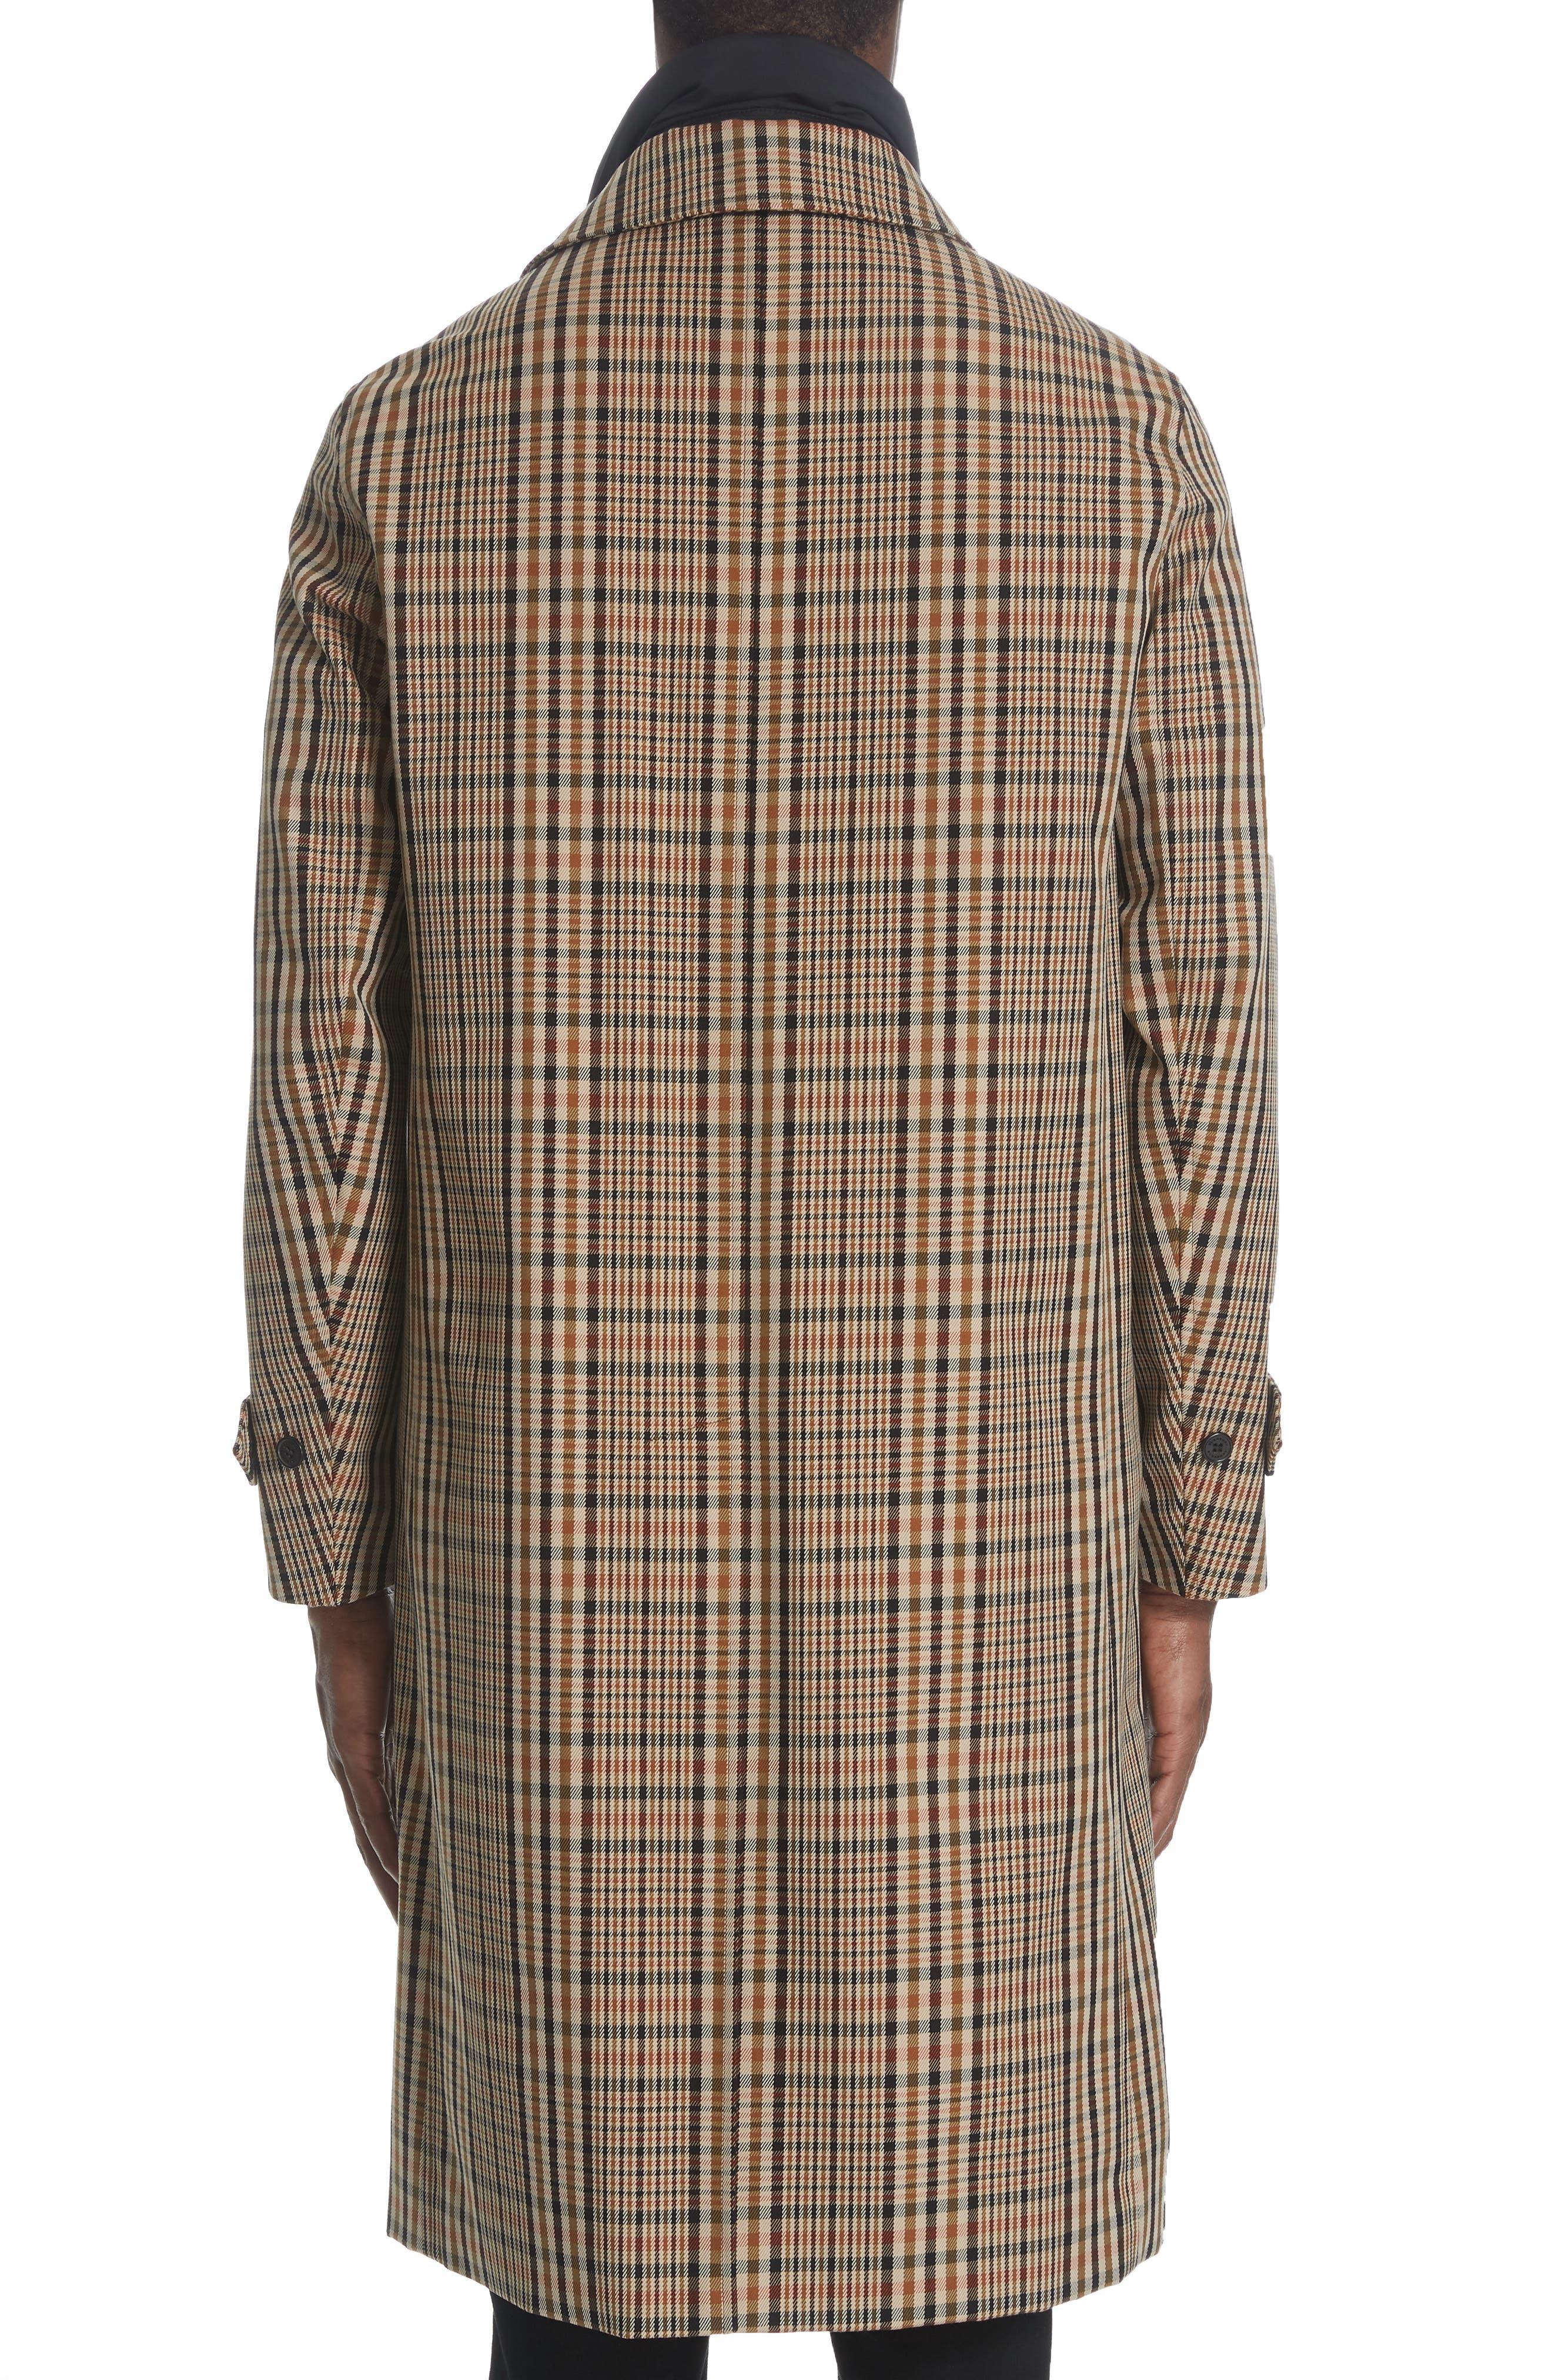 BURBERRY, Lenthorne Check Car Coat with Detachable Vest, Alternate thumbnail 3, color, DARK CAMEL